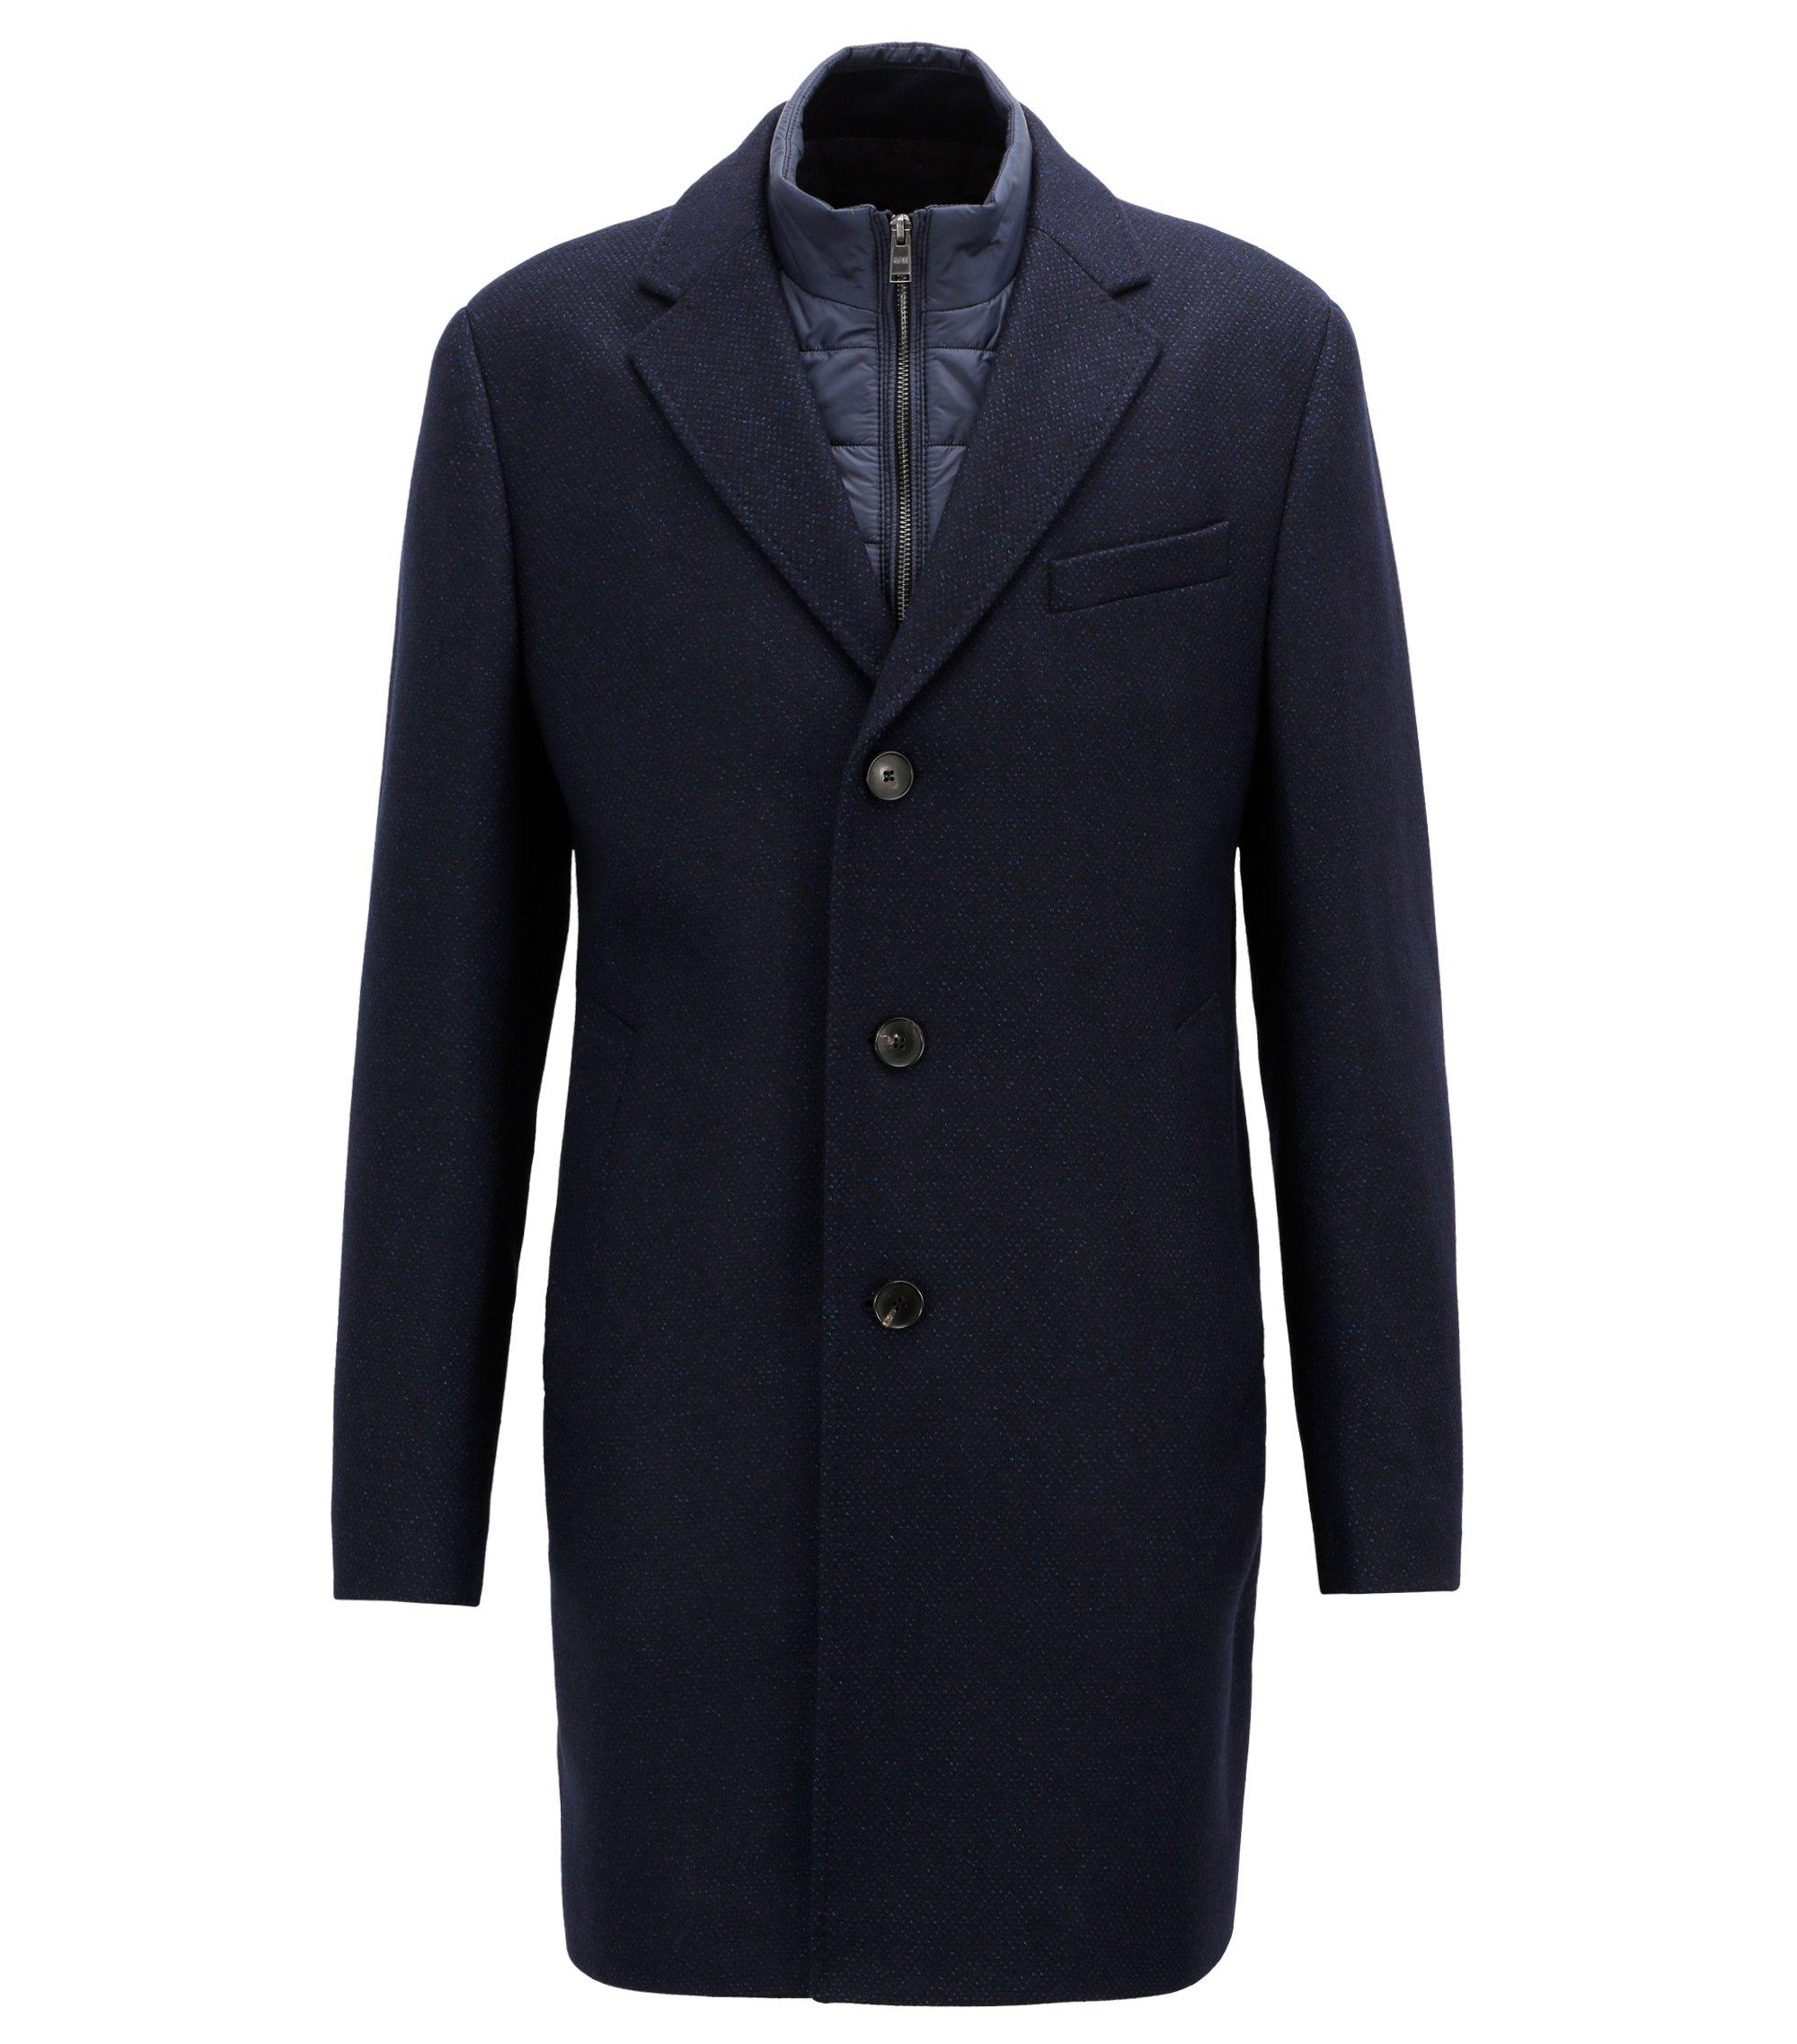 Cappotto slim fit in misto lana con pettorina rimovibile, Blu